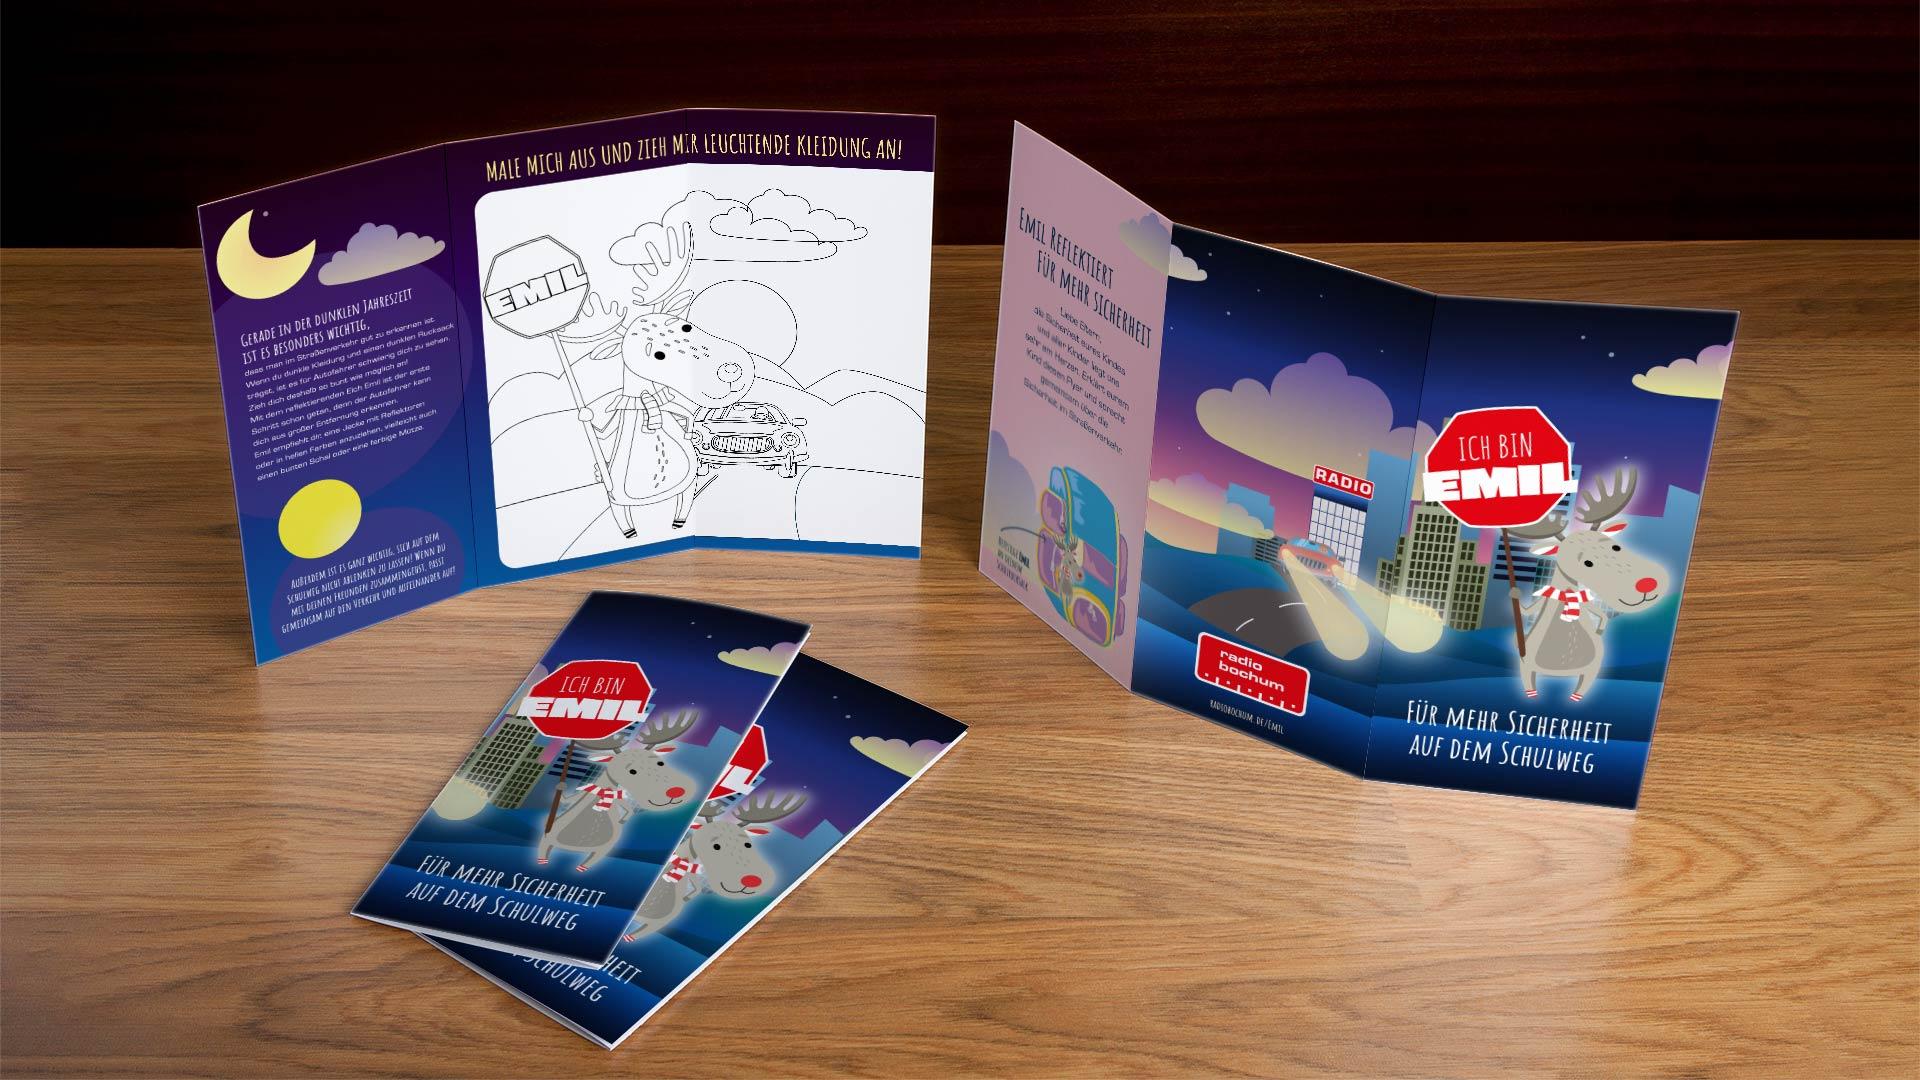 Mit dem Flyer inklusive Ausmalbild lässt sich das Thema spielerisch an die Kinder tragen. Foto: Westfunk